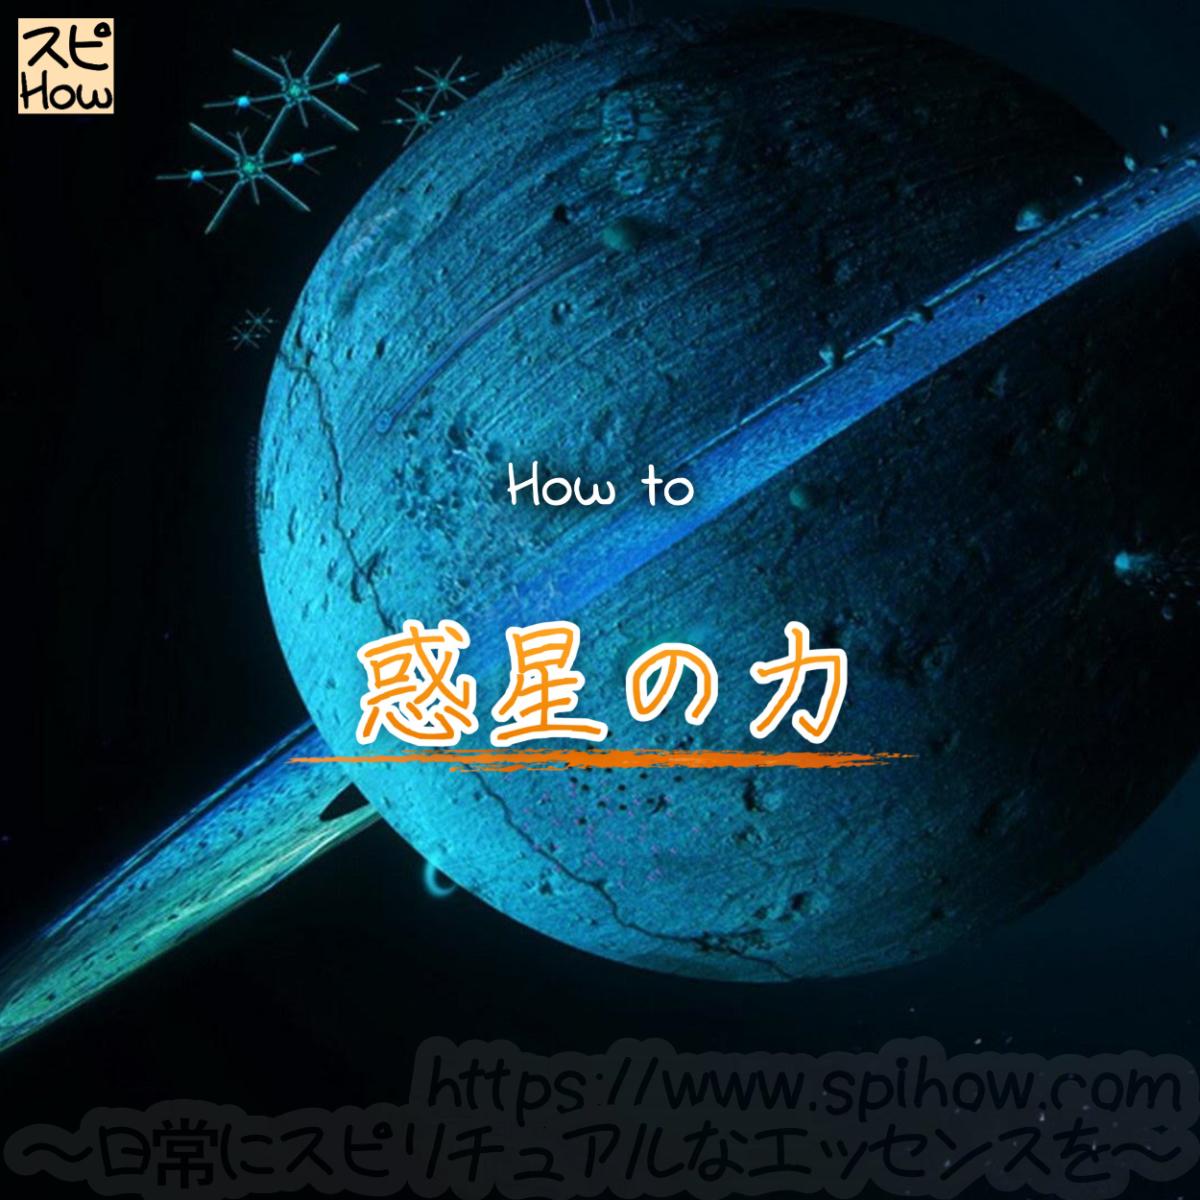 天王星の牡牛座入りと水星の逆行のパワーを利用する方法